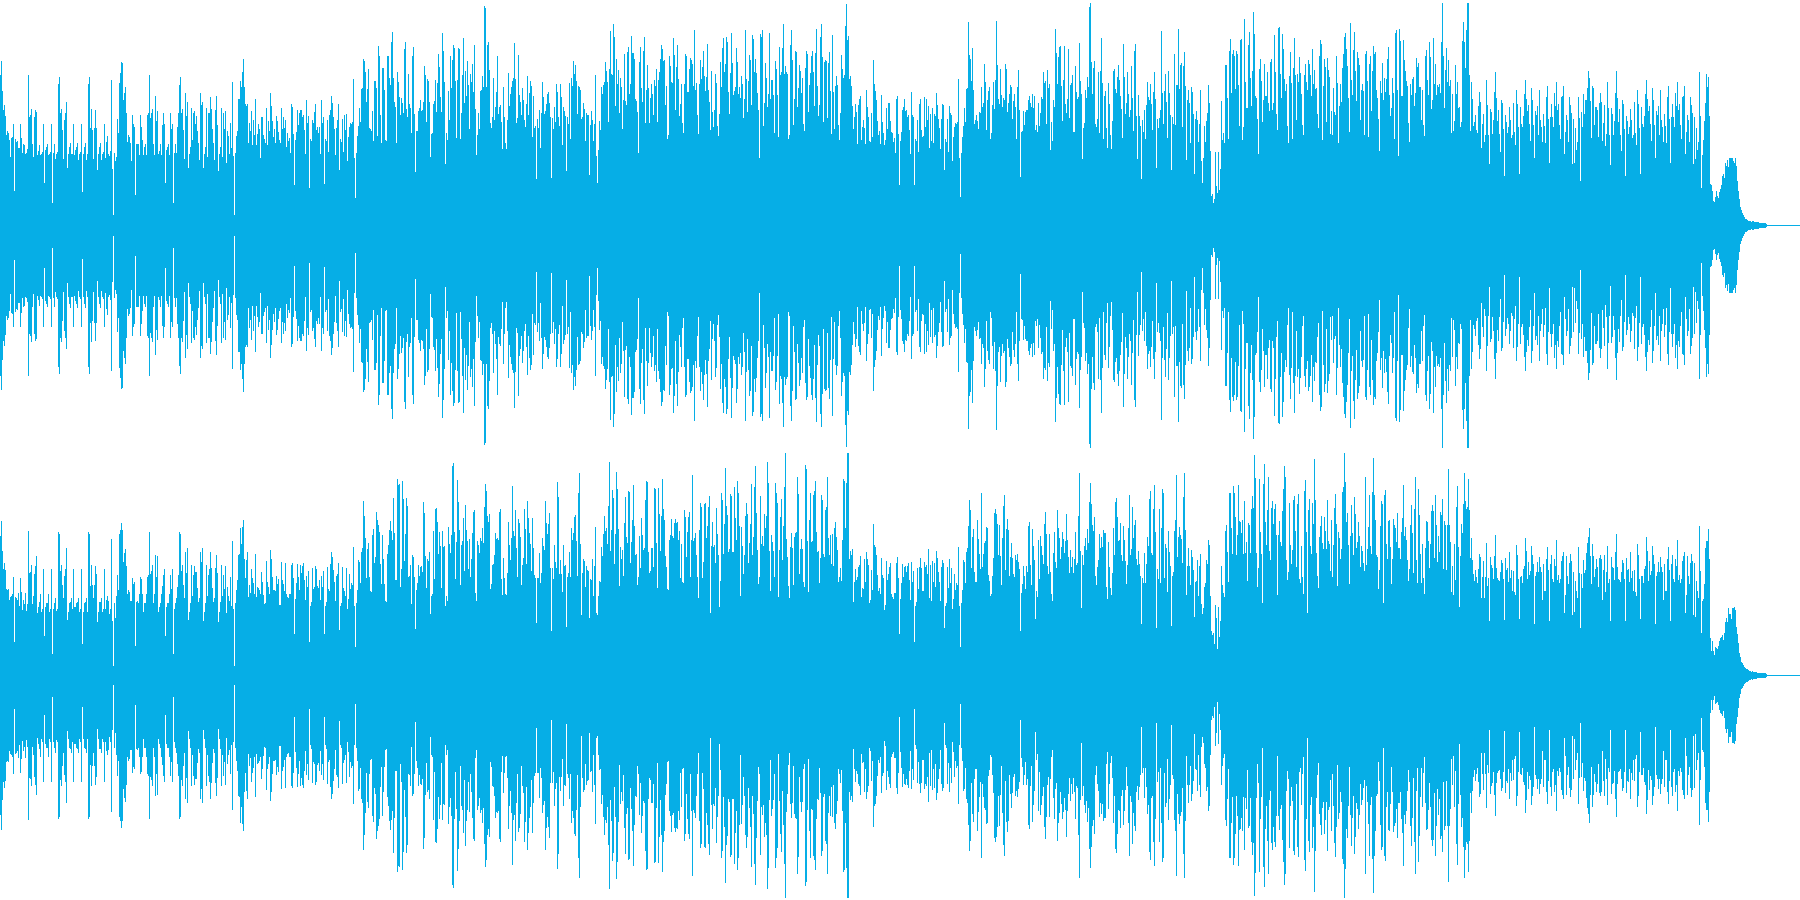 ポップスなメロディーの明るい未来的な曲の再生済みの波形